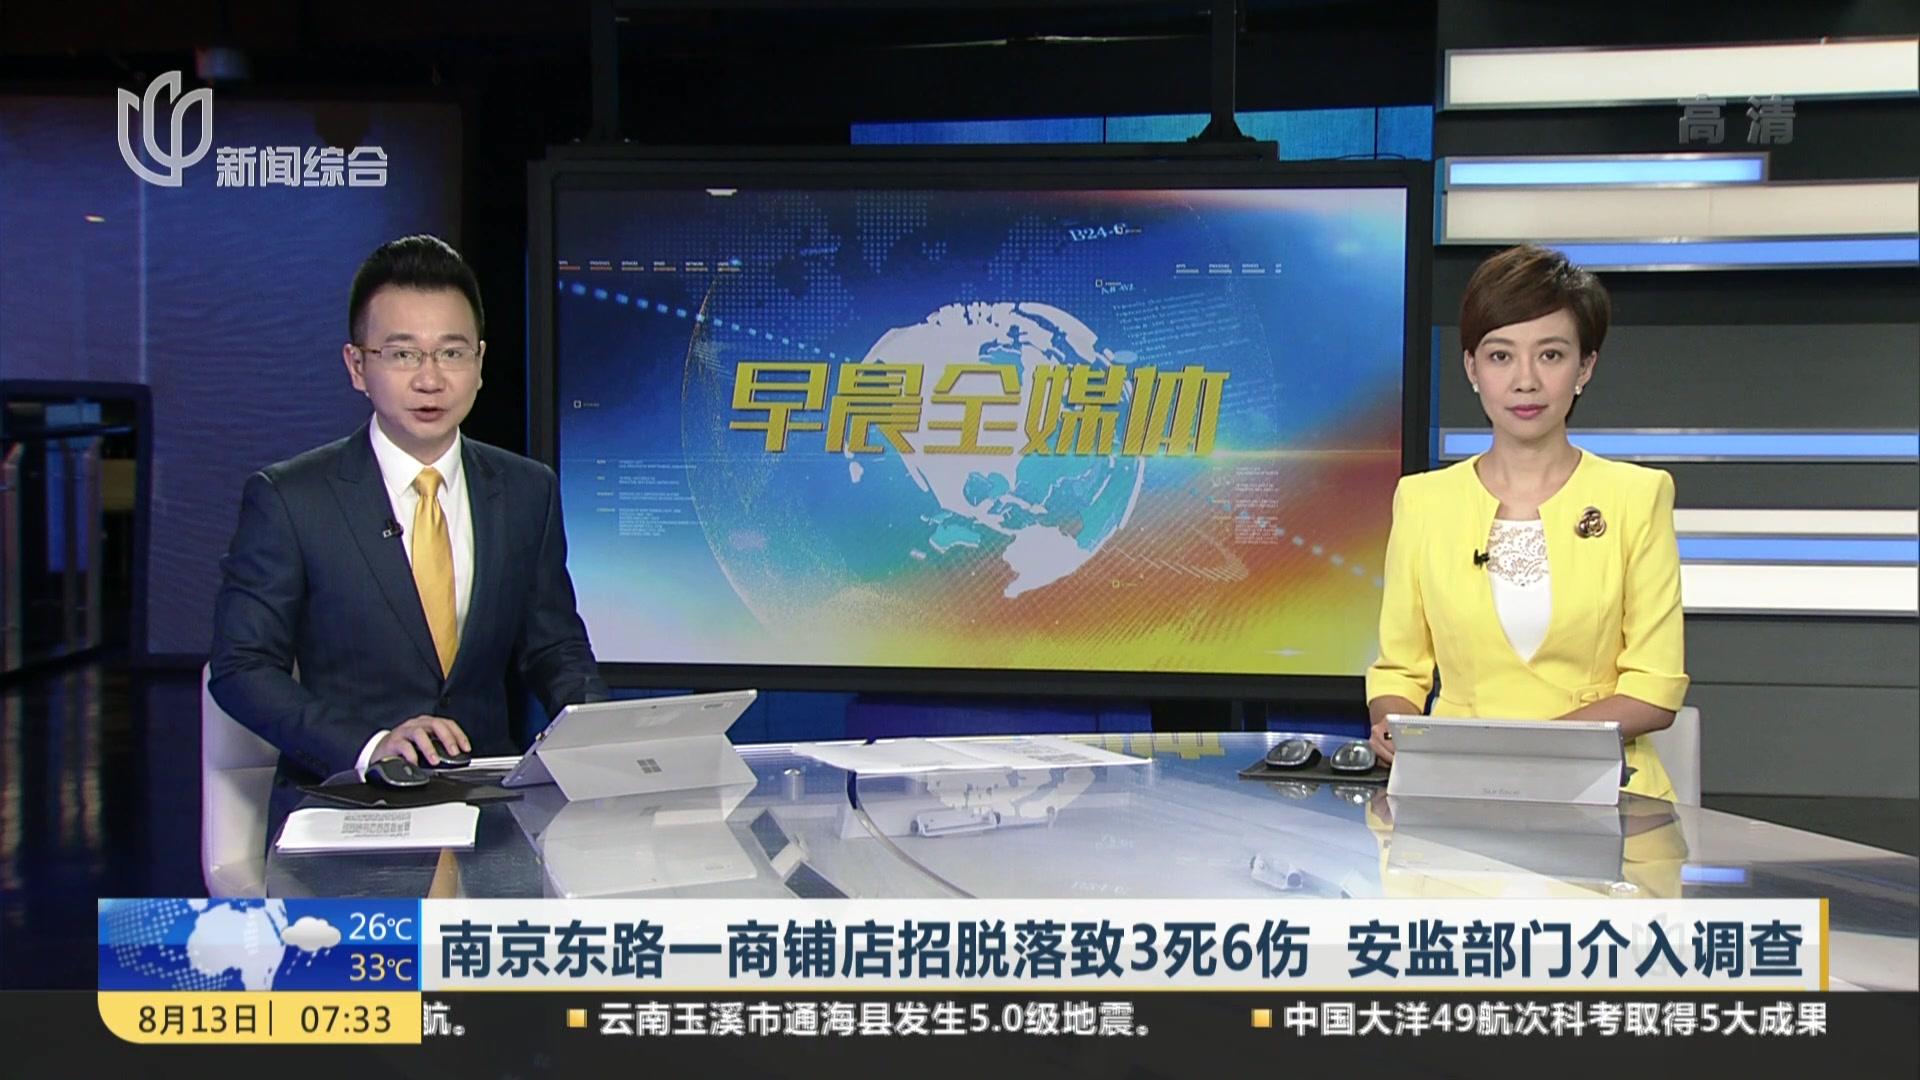 南京东路一商铺店招脱落致3死6伤  安监部门介入调查